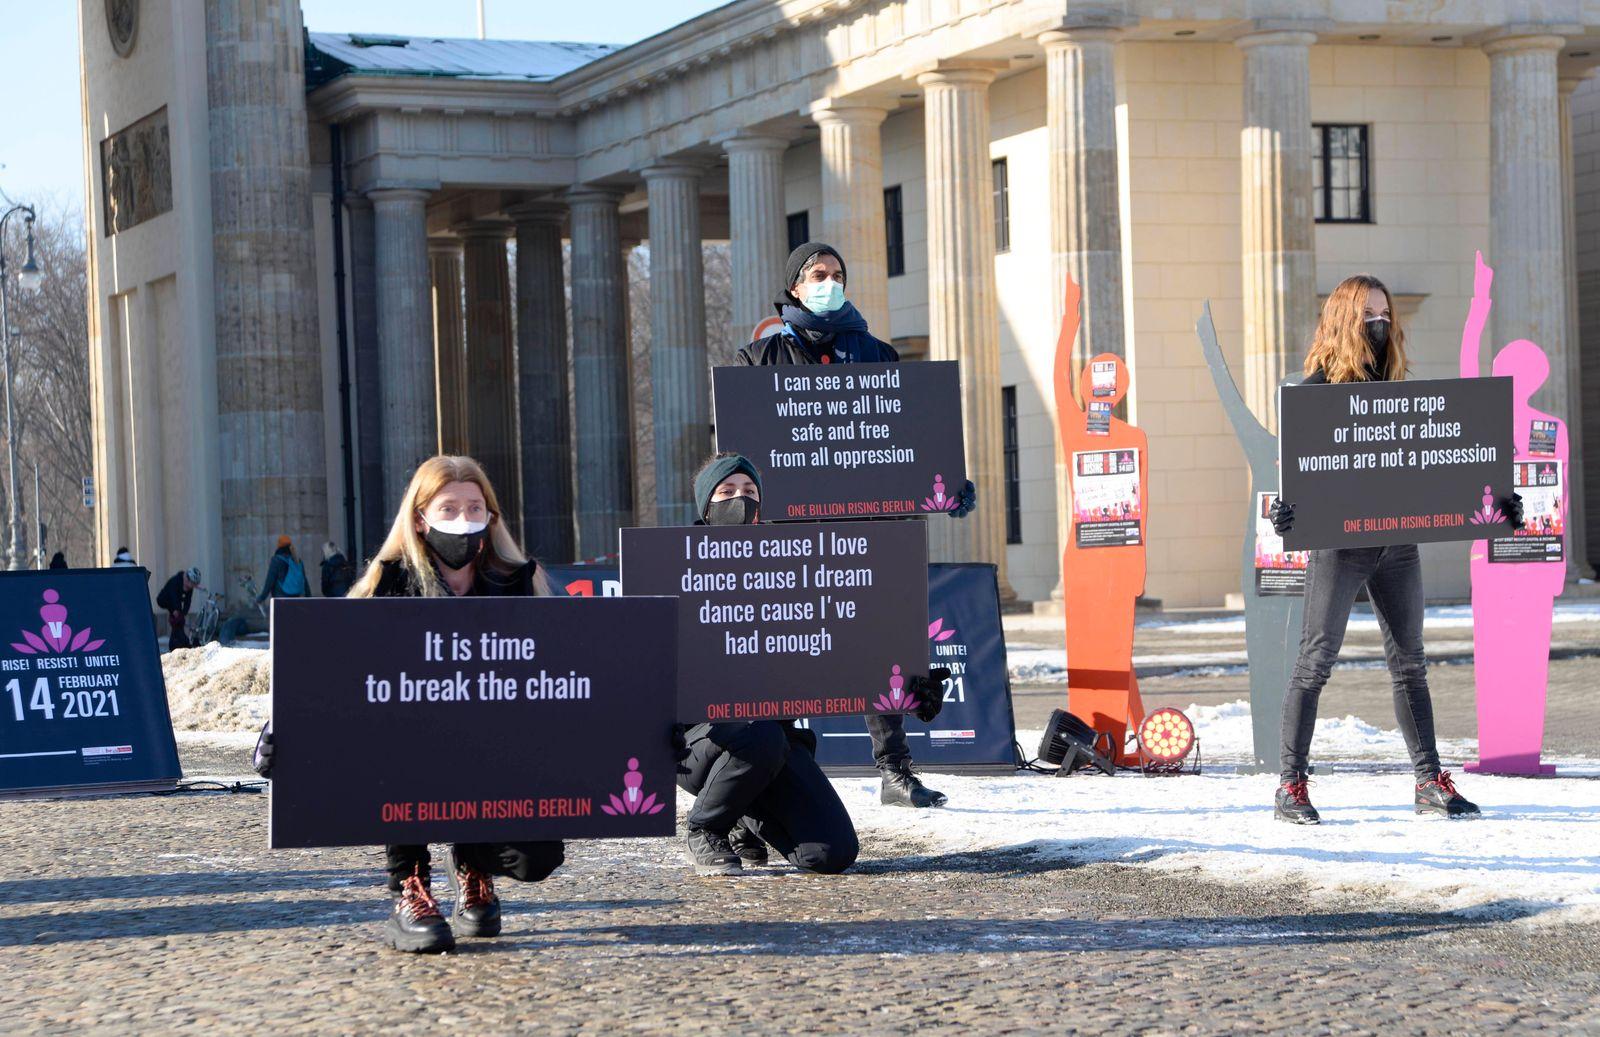 14 . 02 . 2021 , Berlin / Mitte : One Billion Rising - Demonstration und Tanz am Brandenburger Tor gegen Gewalt an Mädc